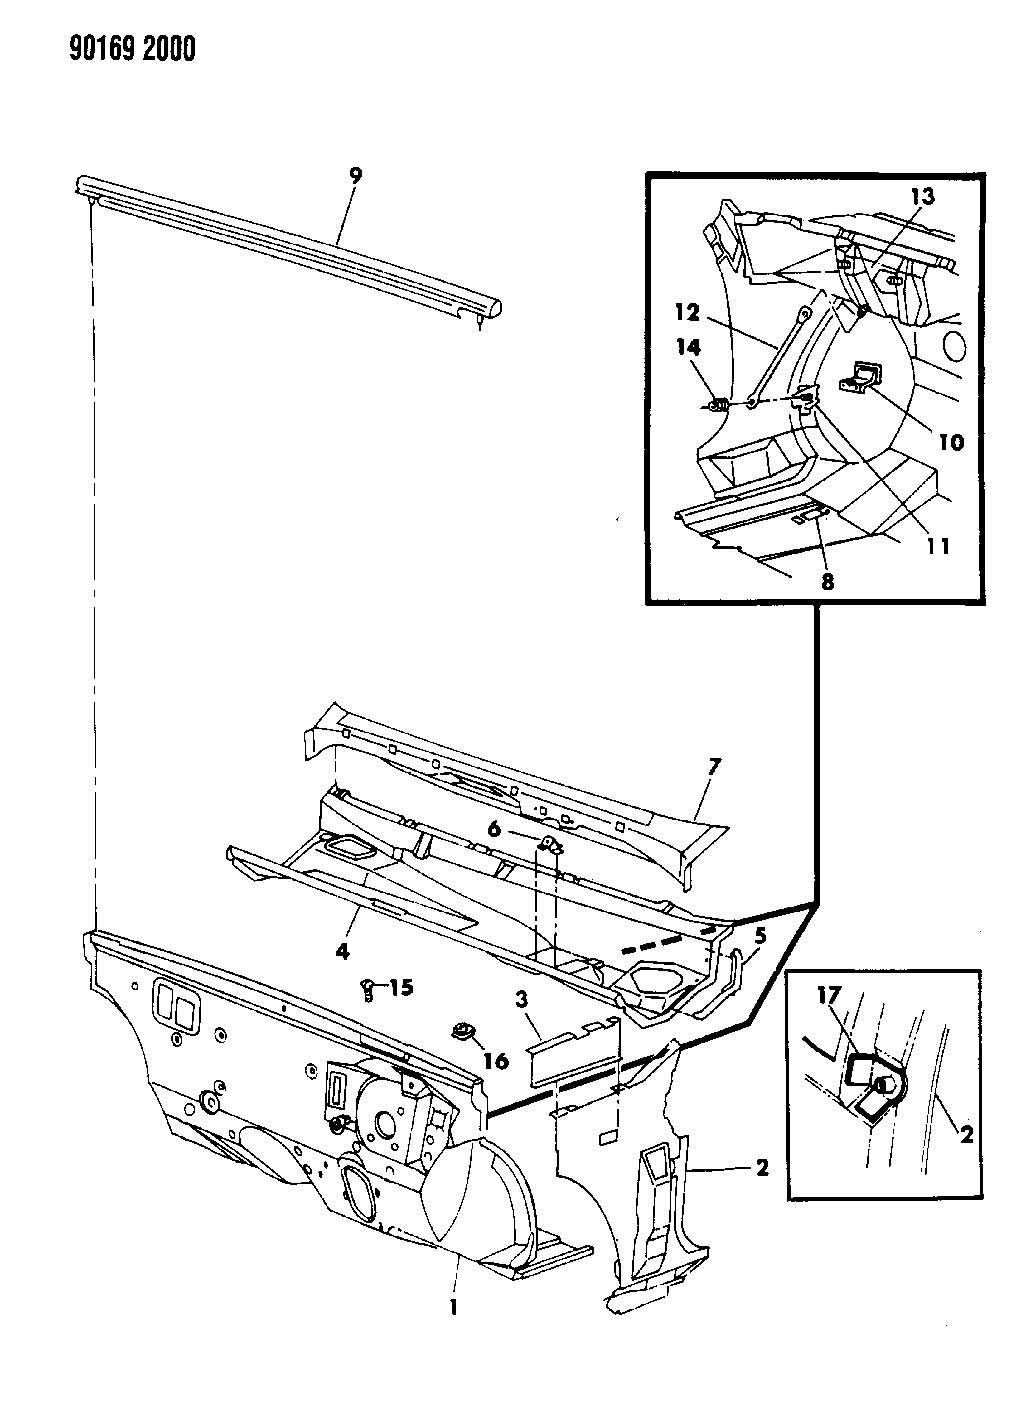 Honda Shadow Parts Diagram. Honda. Auto Wiring Diagram